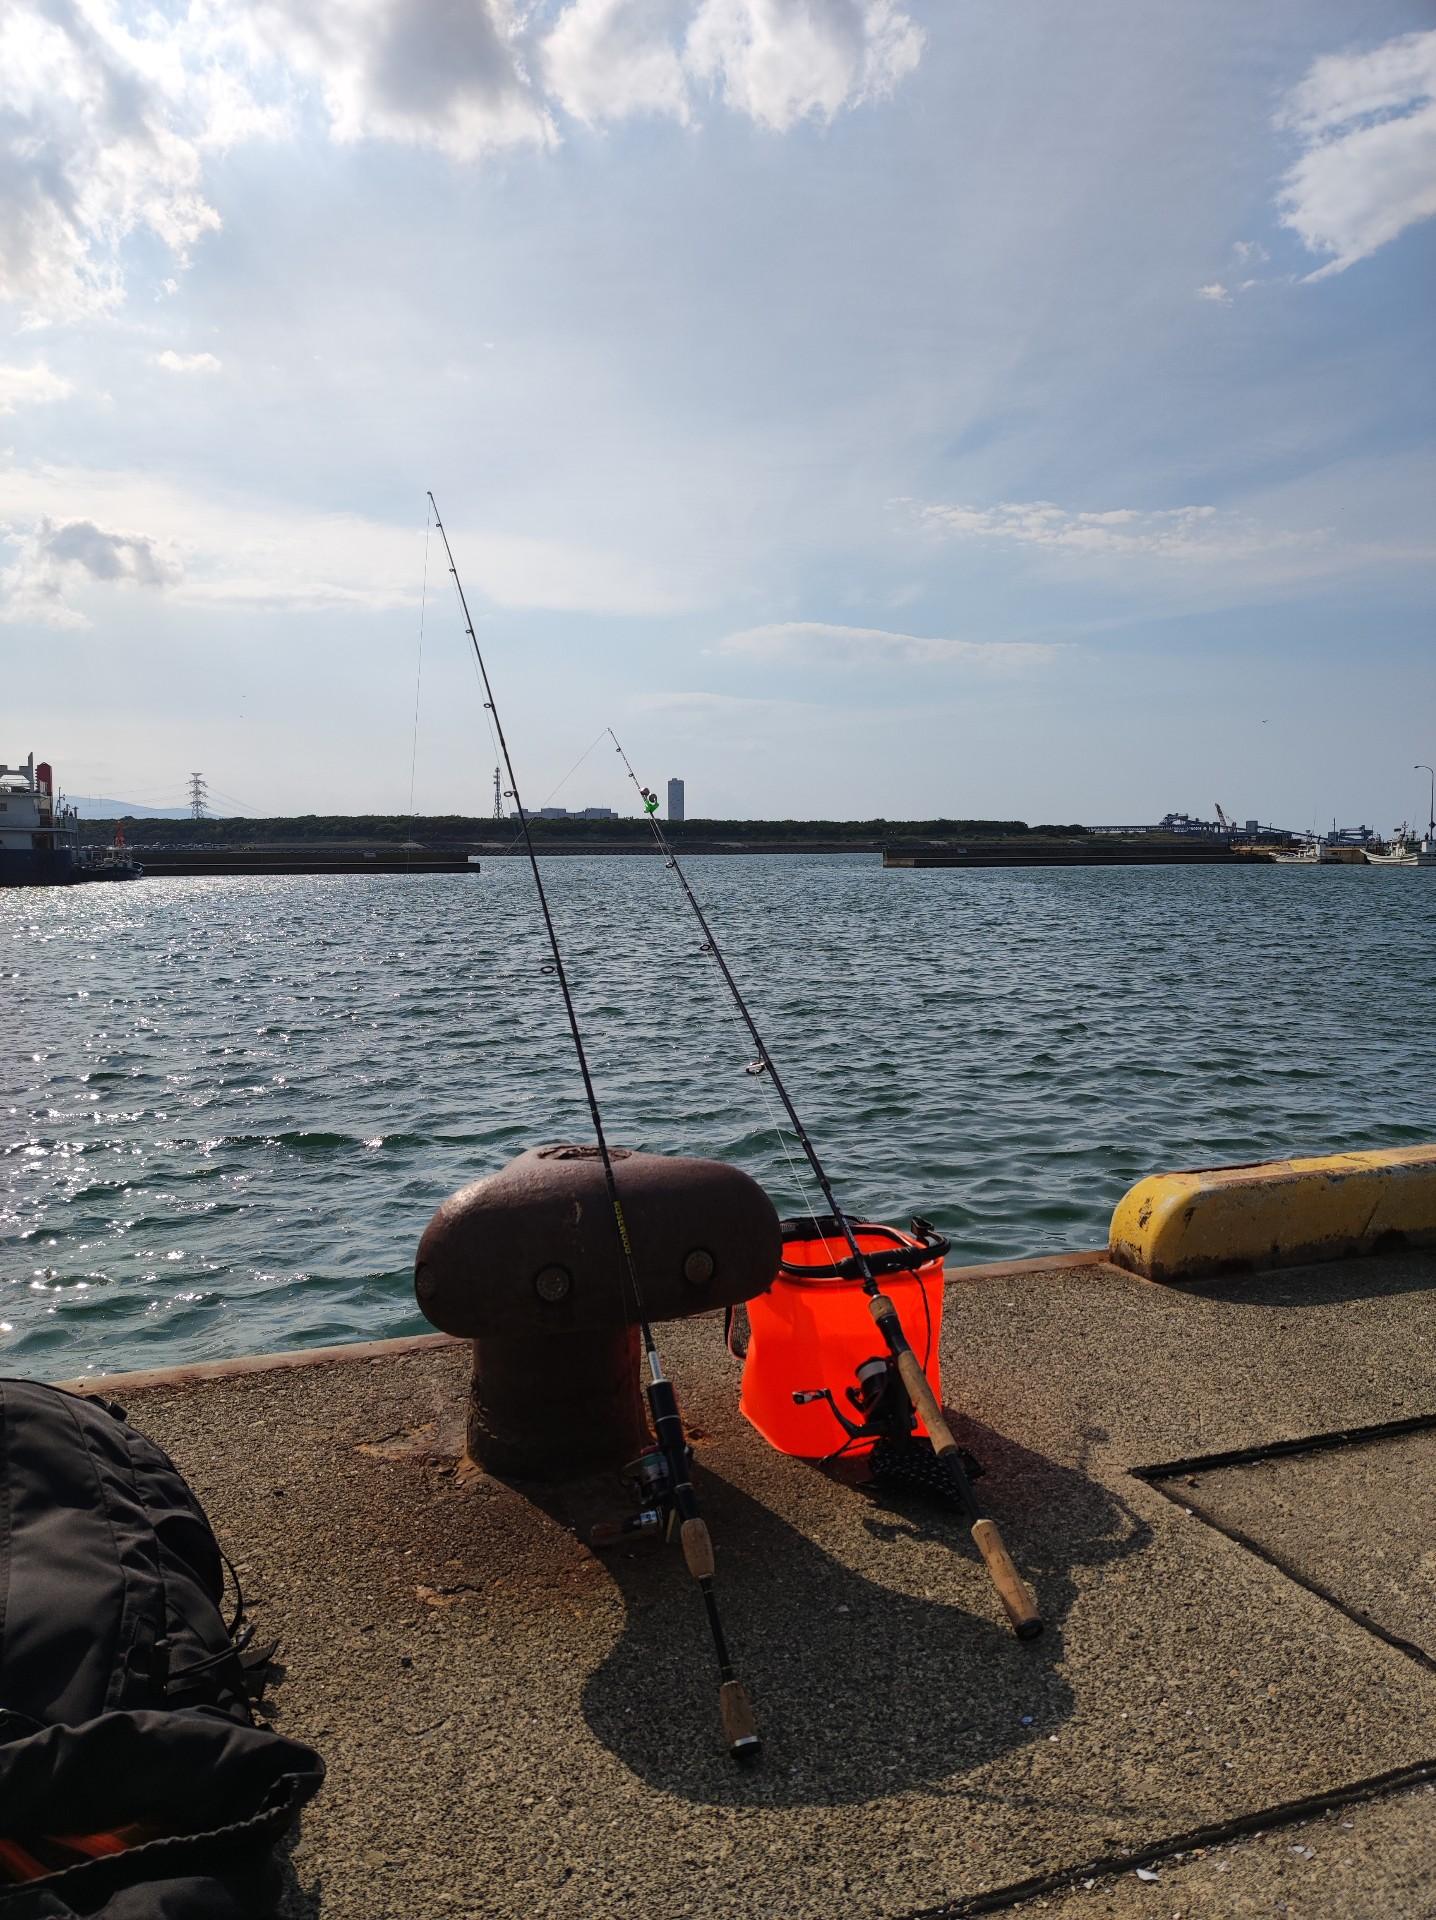 (´・ω・`)魚釣りきたぞおおおおおおおおおおお